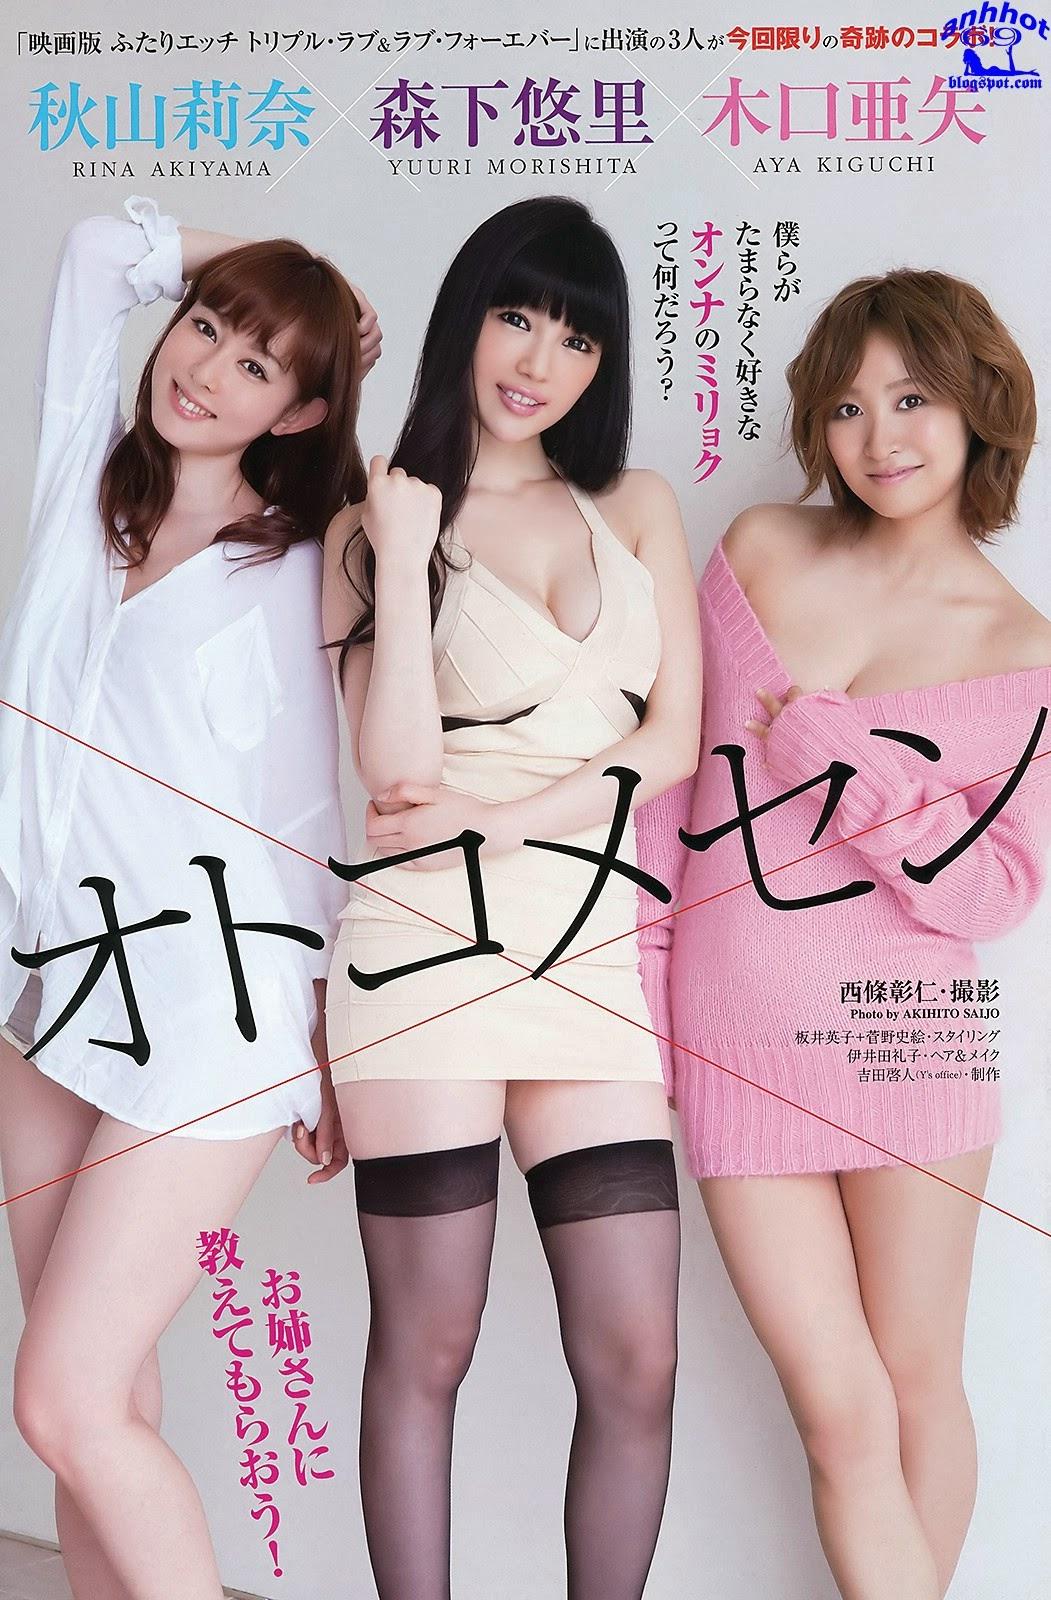 yuuri-morishita-02096073